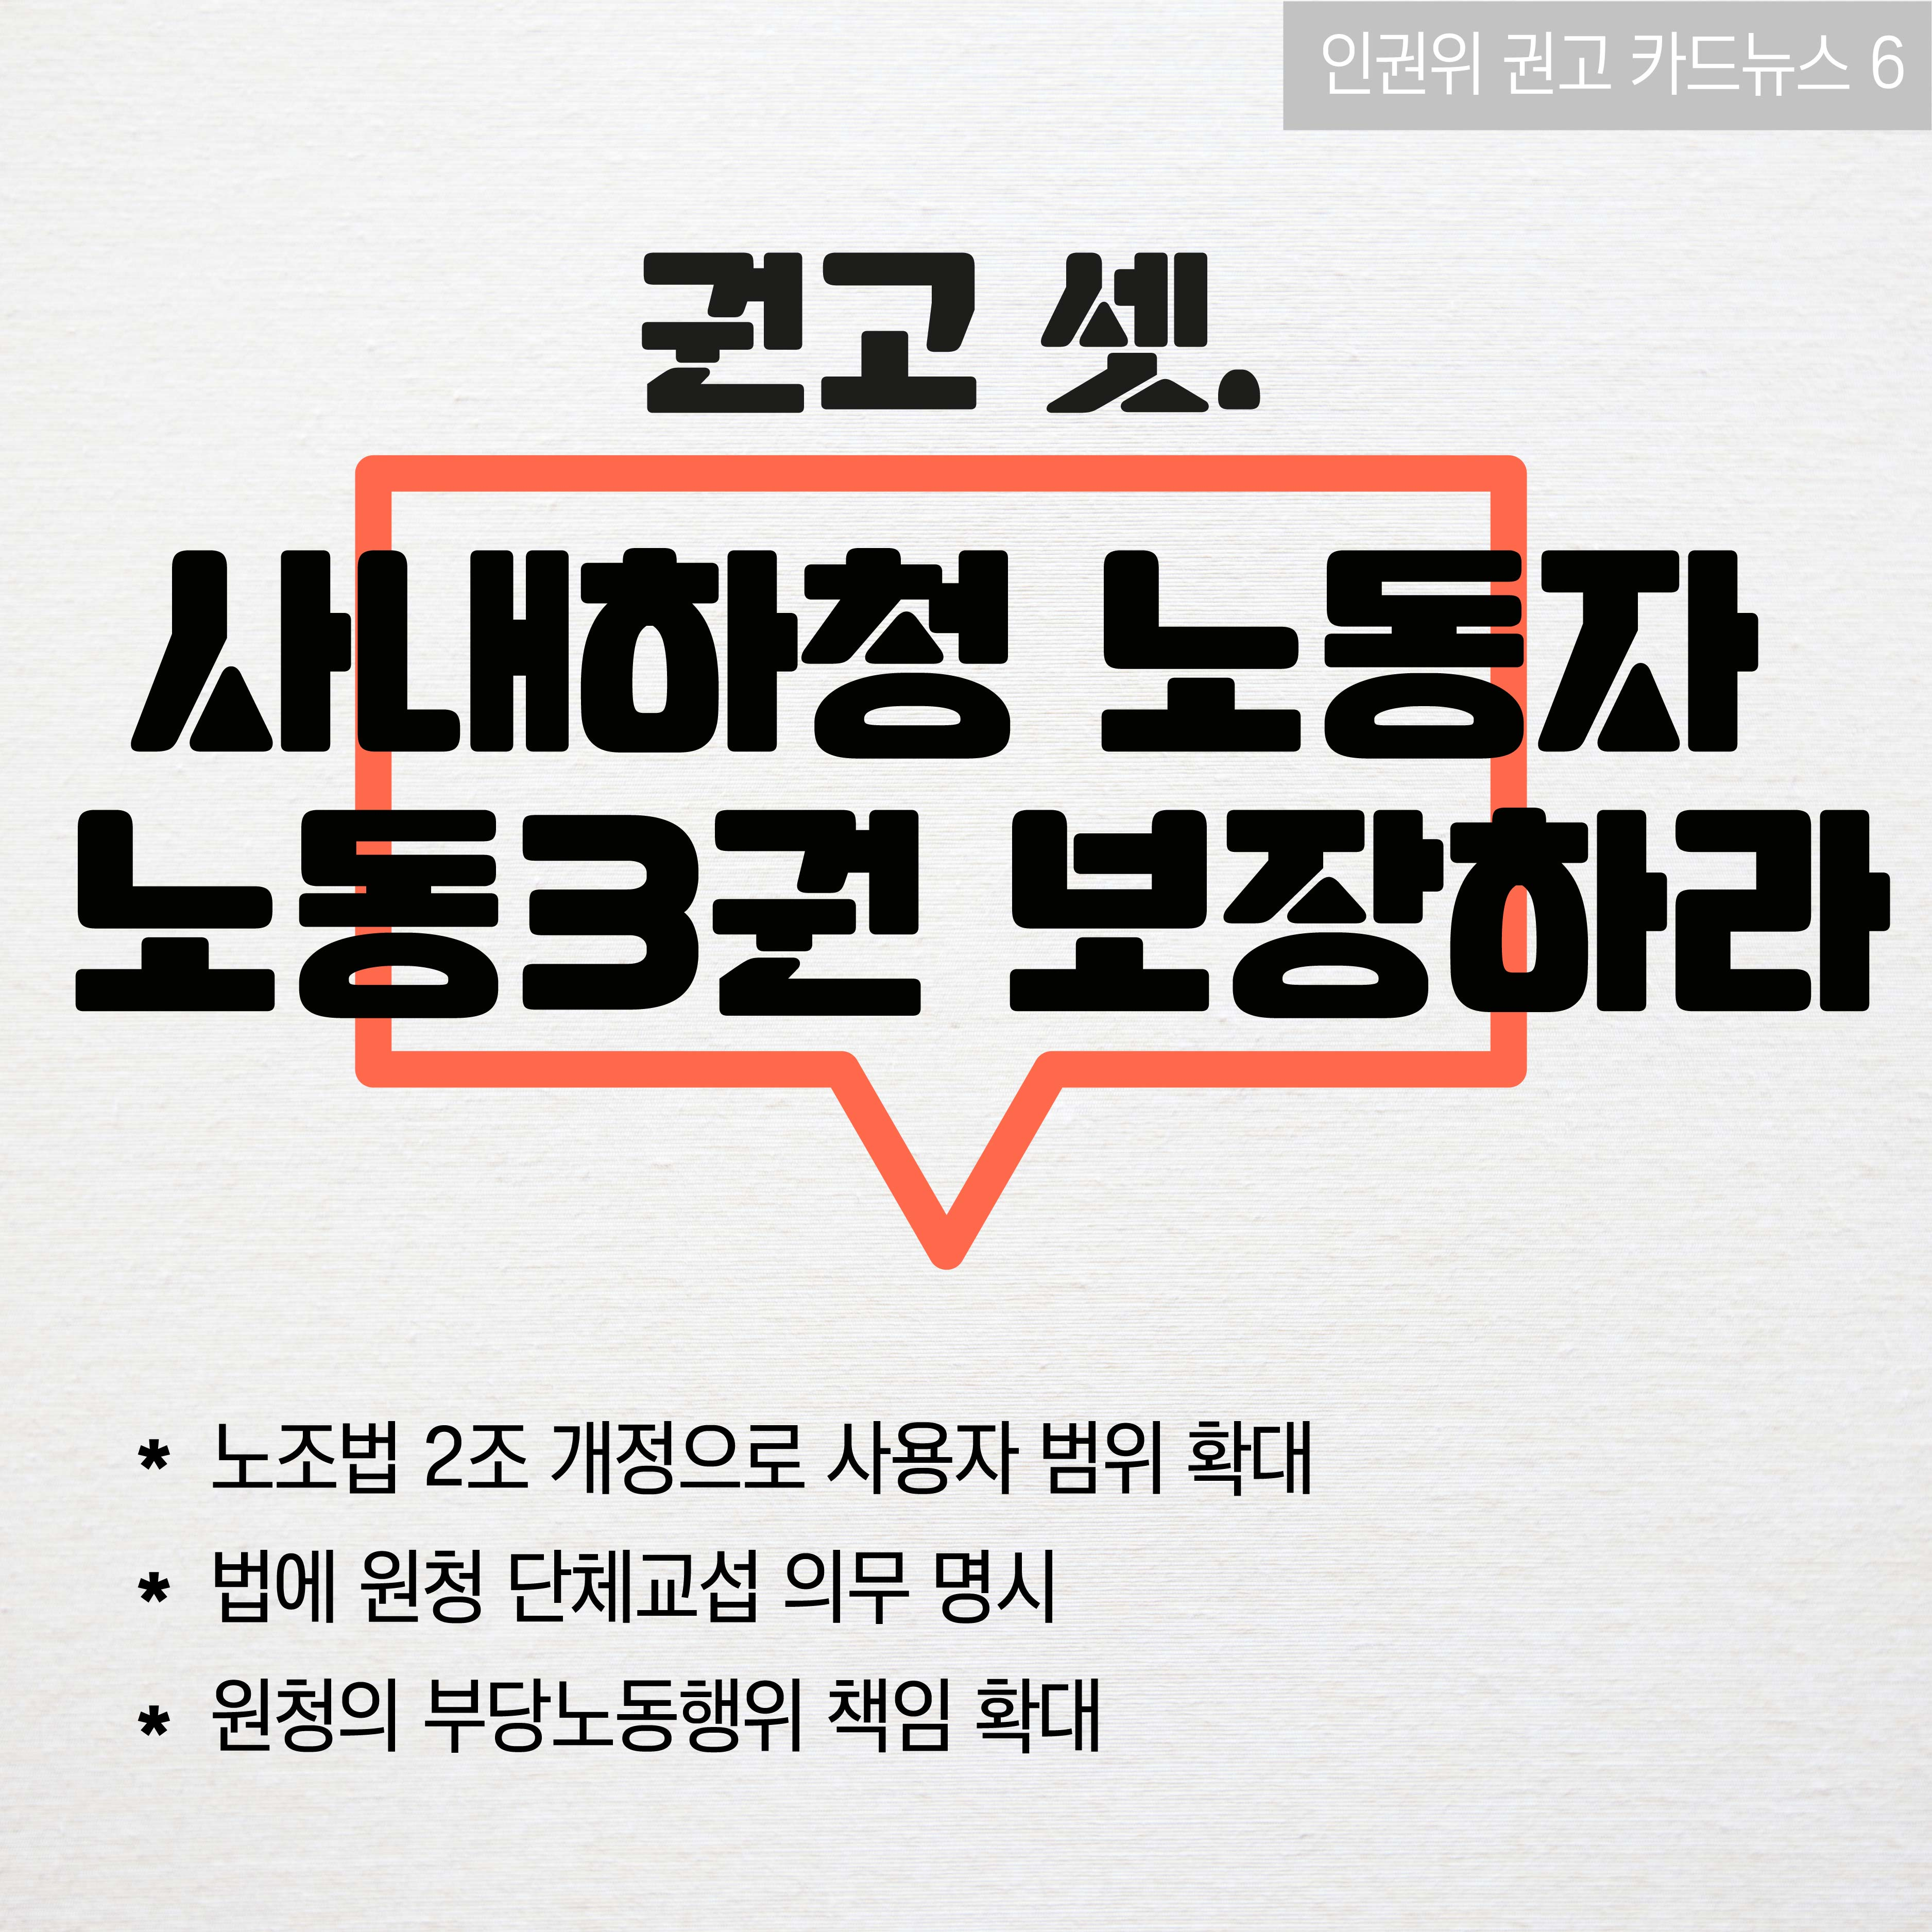 인권위권고카드뉴스-06.jpg